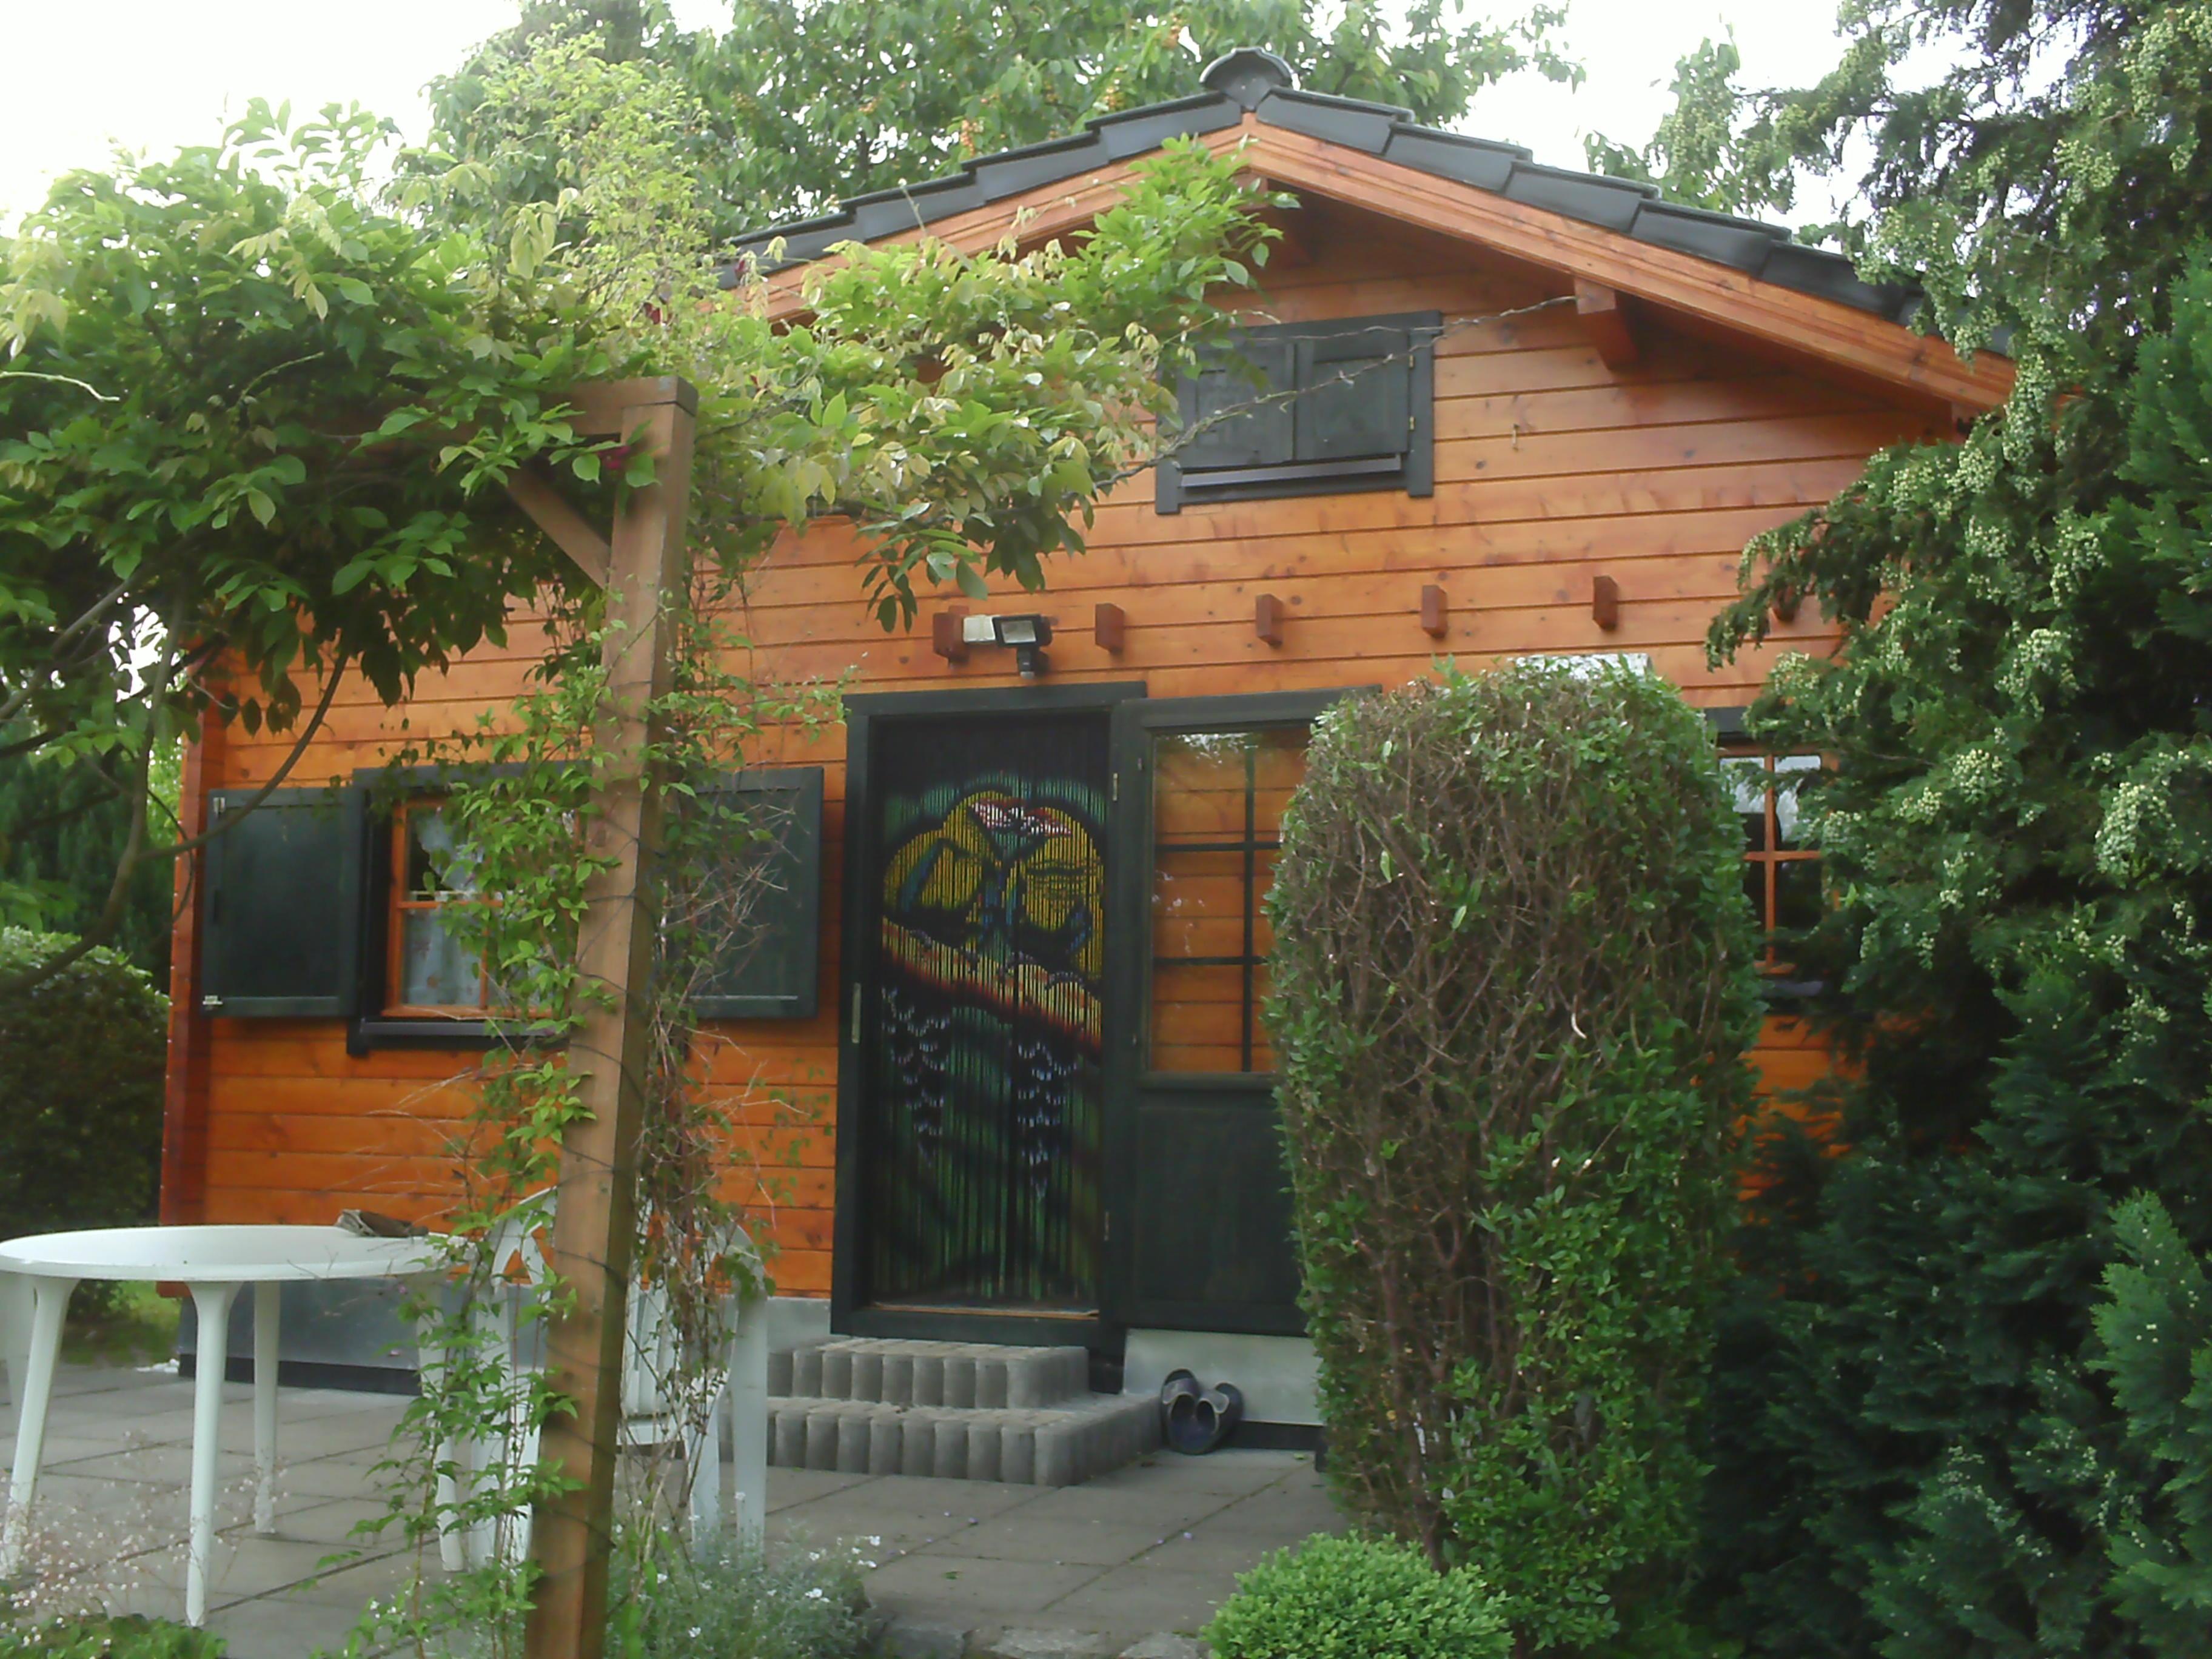 immobilien kleinanzeigen in eberswalde seite 1. Black Bedroom Furniture Sets. Home Design Ideas